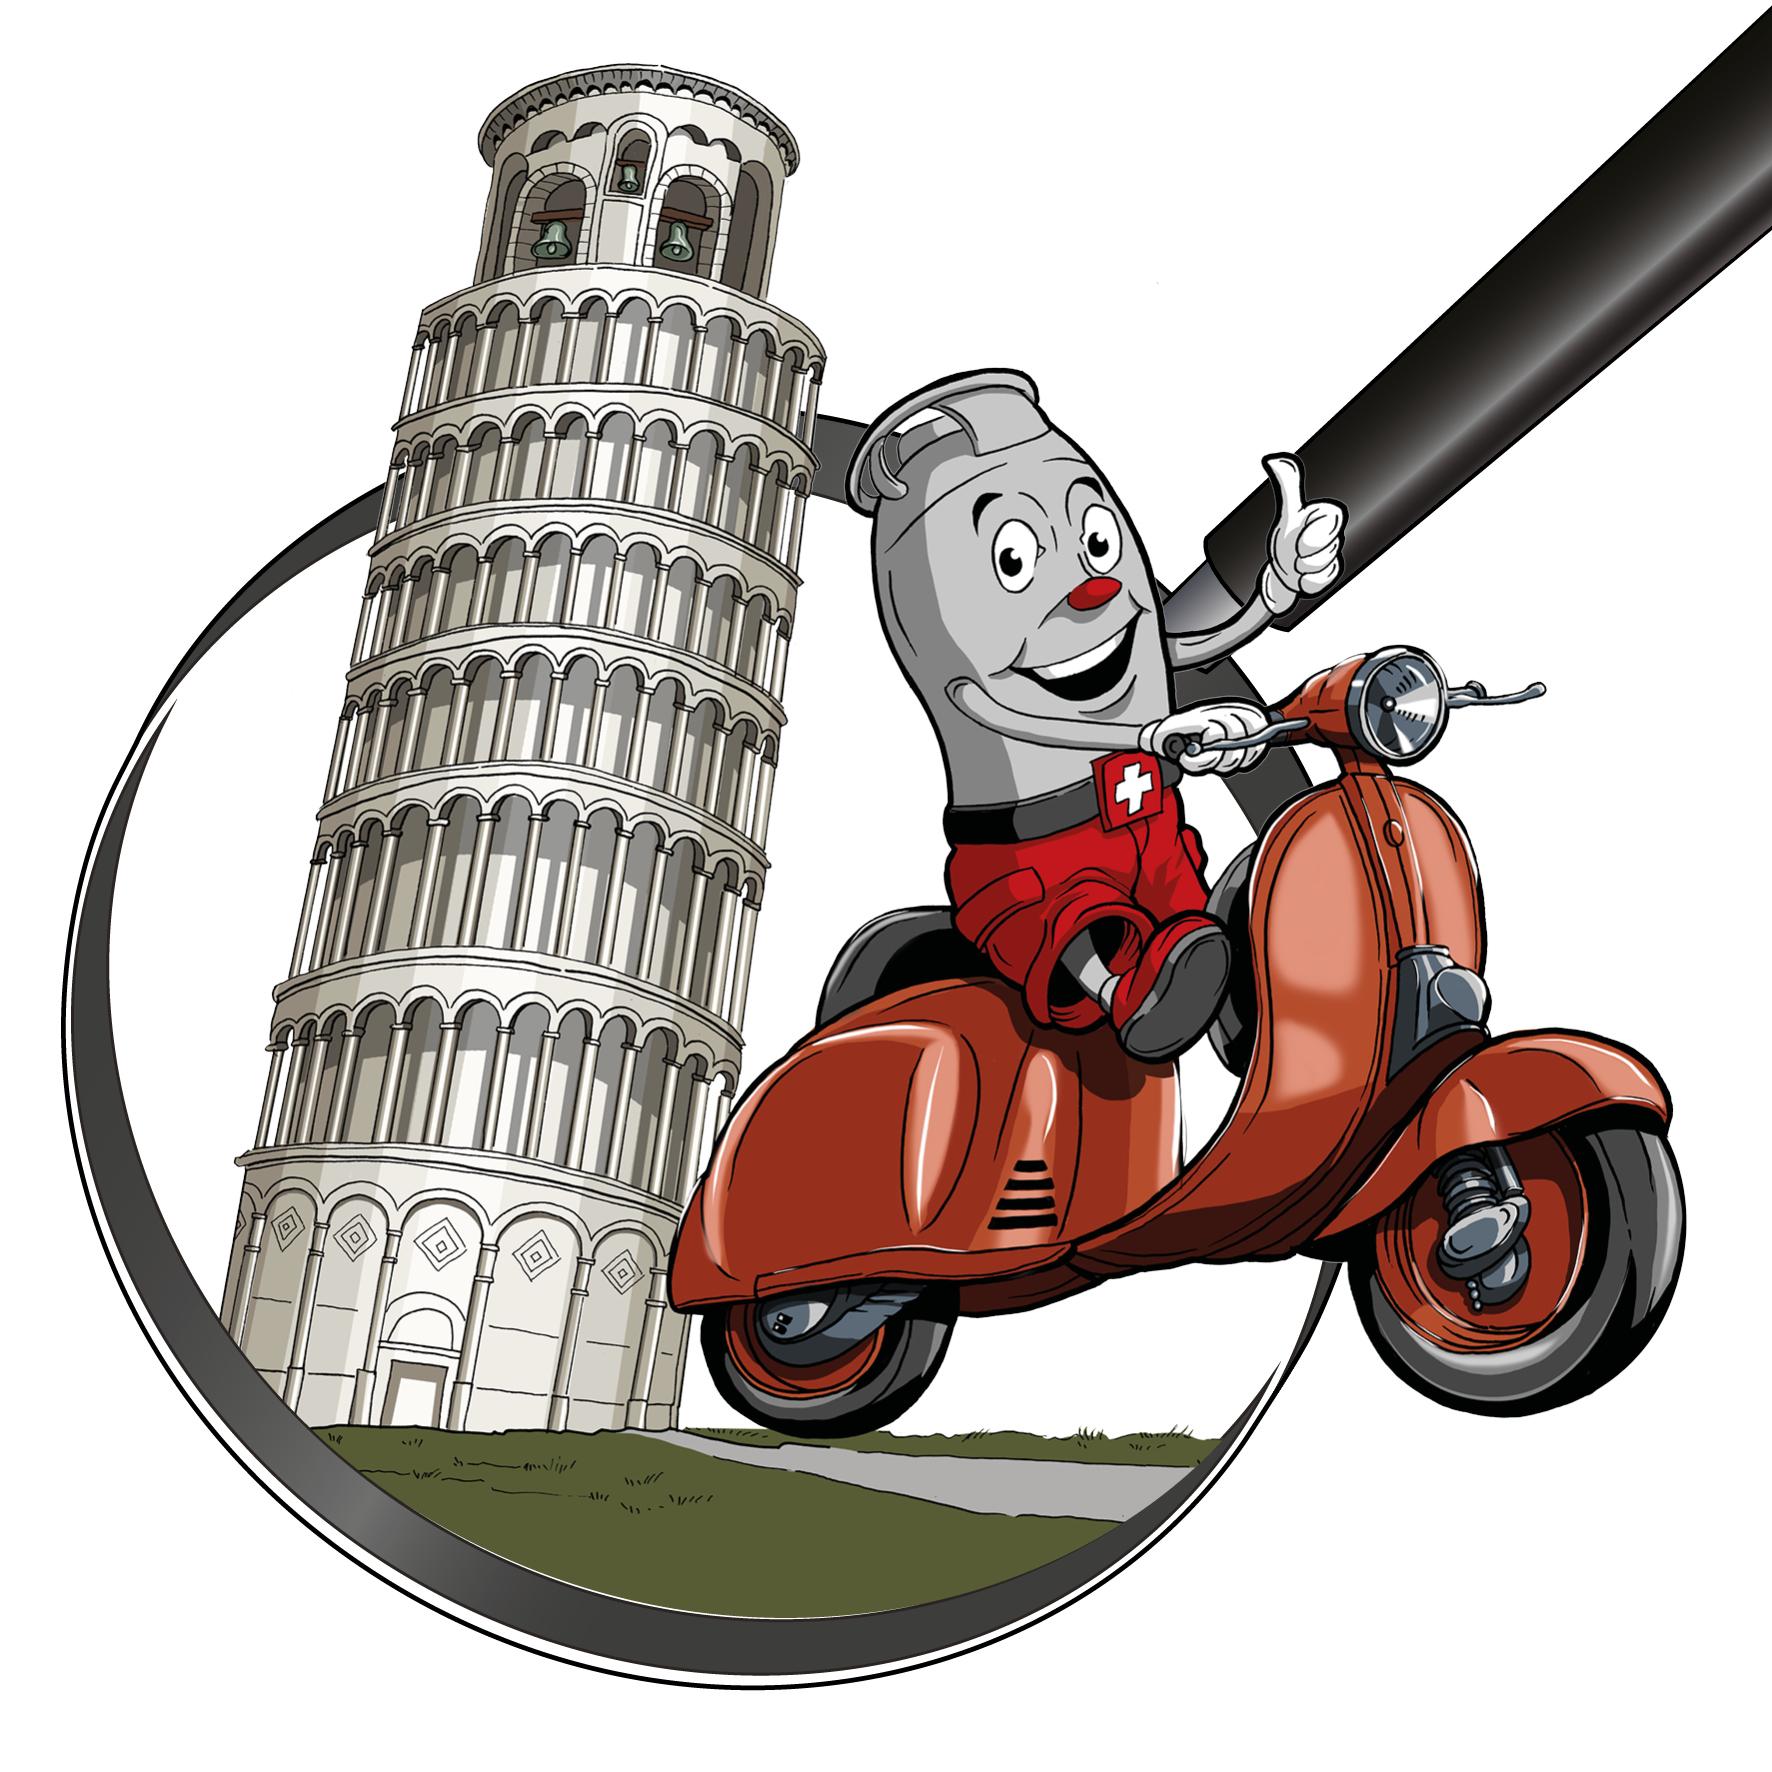 Zeichnung / Illustration: Viti auf Vespa Roller in Pisa